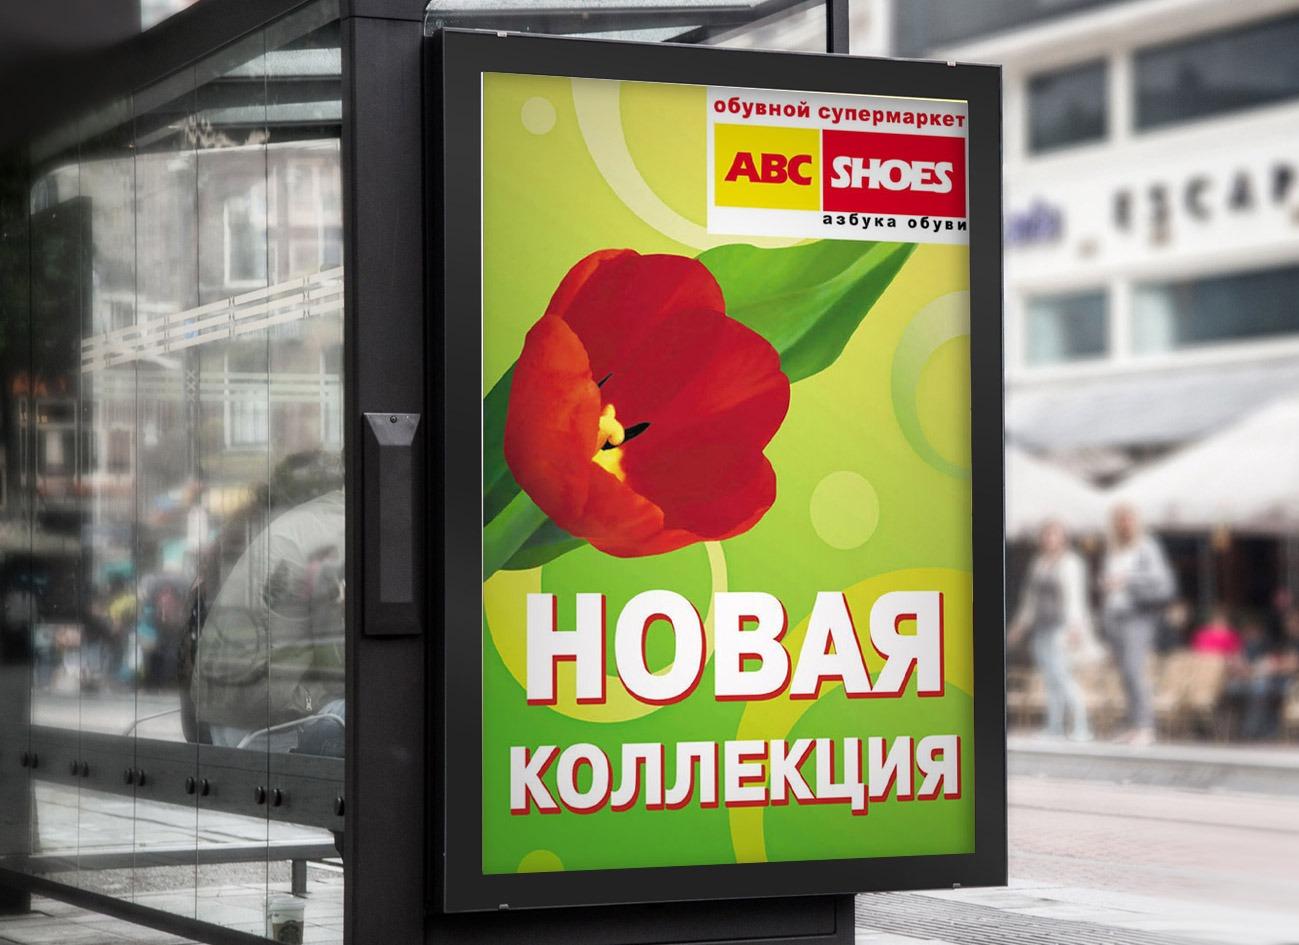 рекламный плакат abc shoes 08